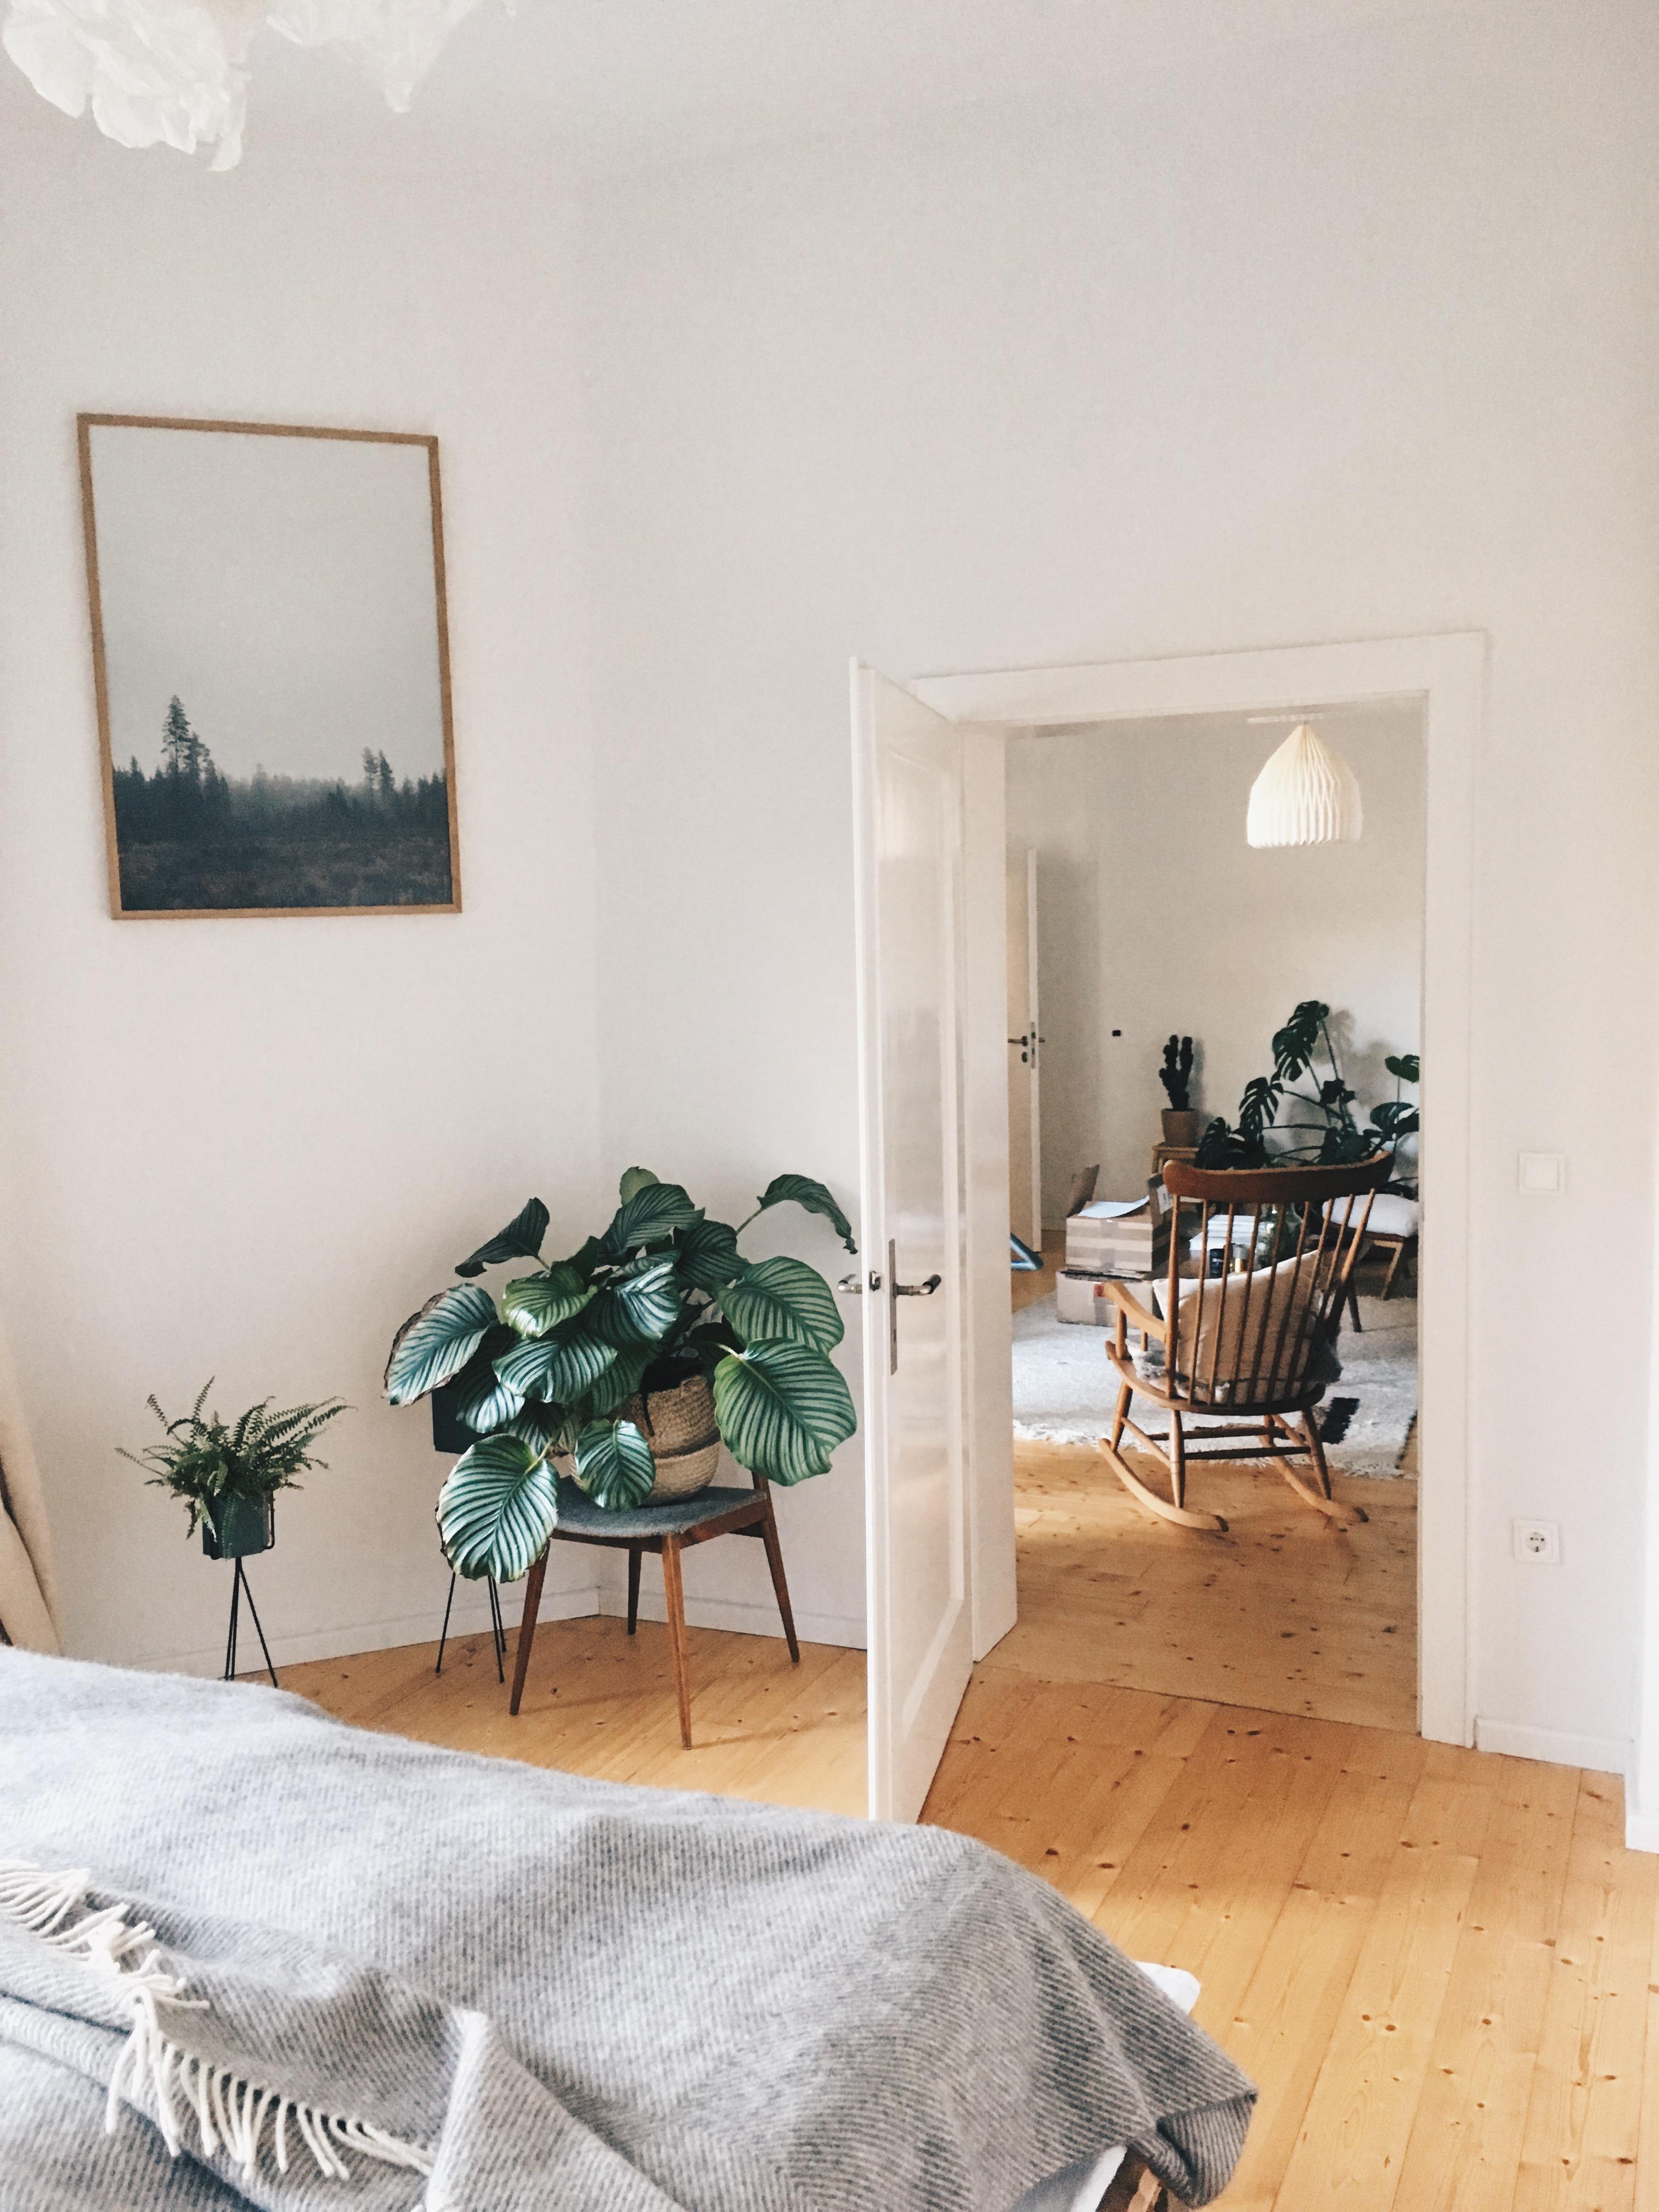 Schlafzimmer bett pflanzen bild mehr braucht es n - Schlafzimmer pflanzen ...